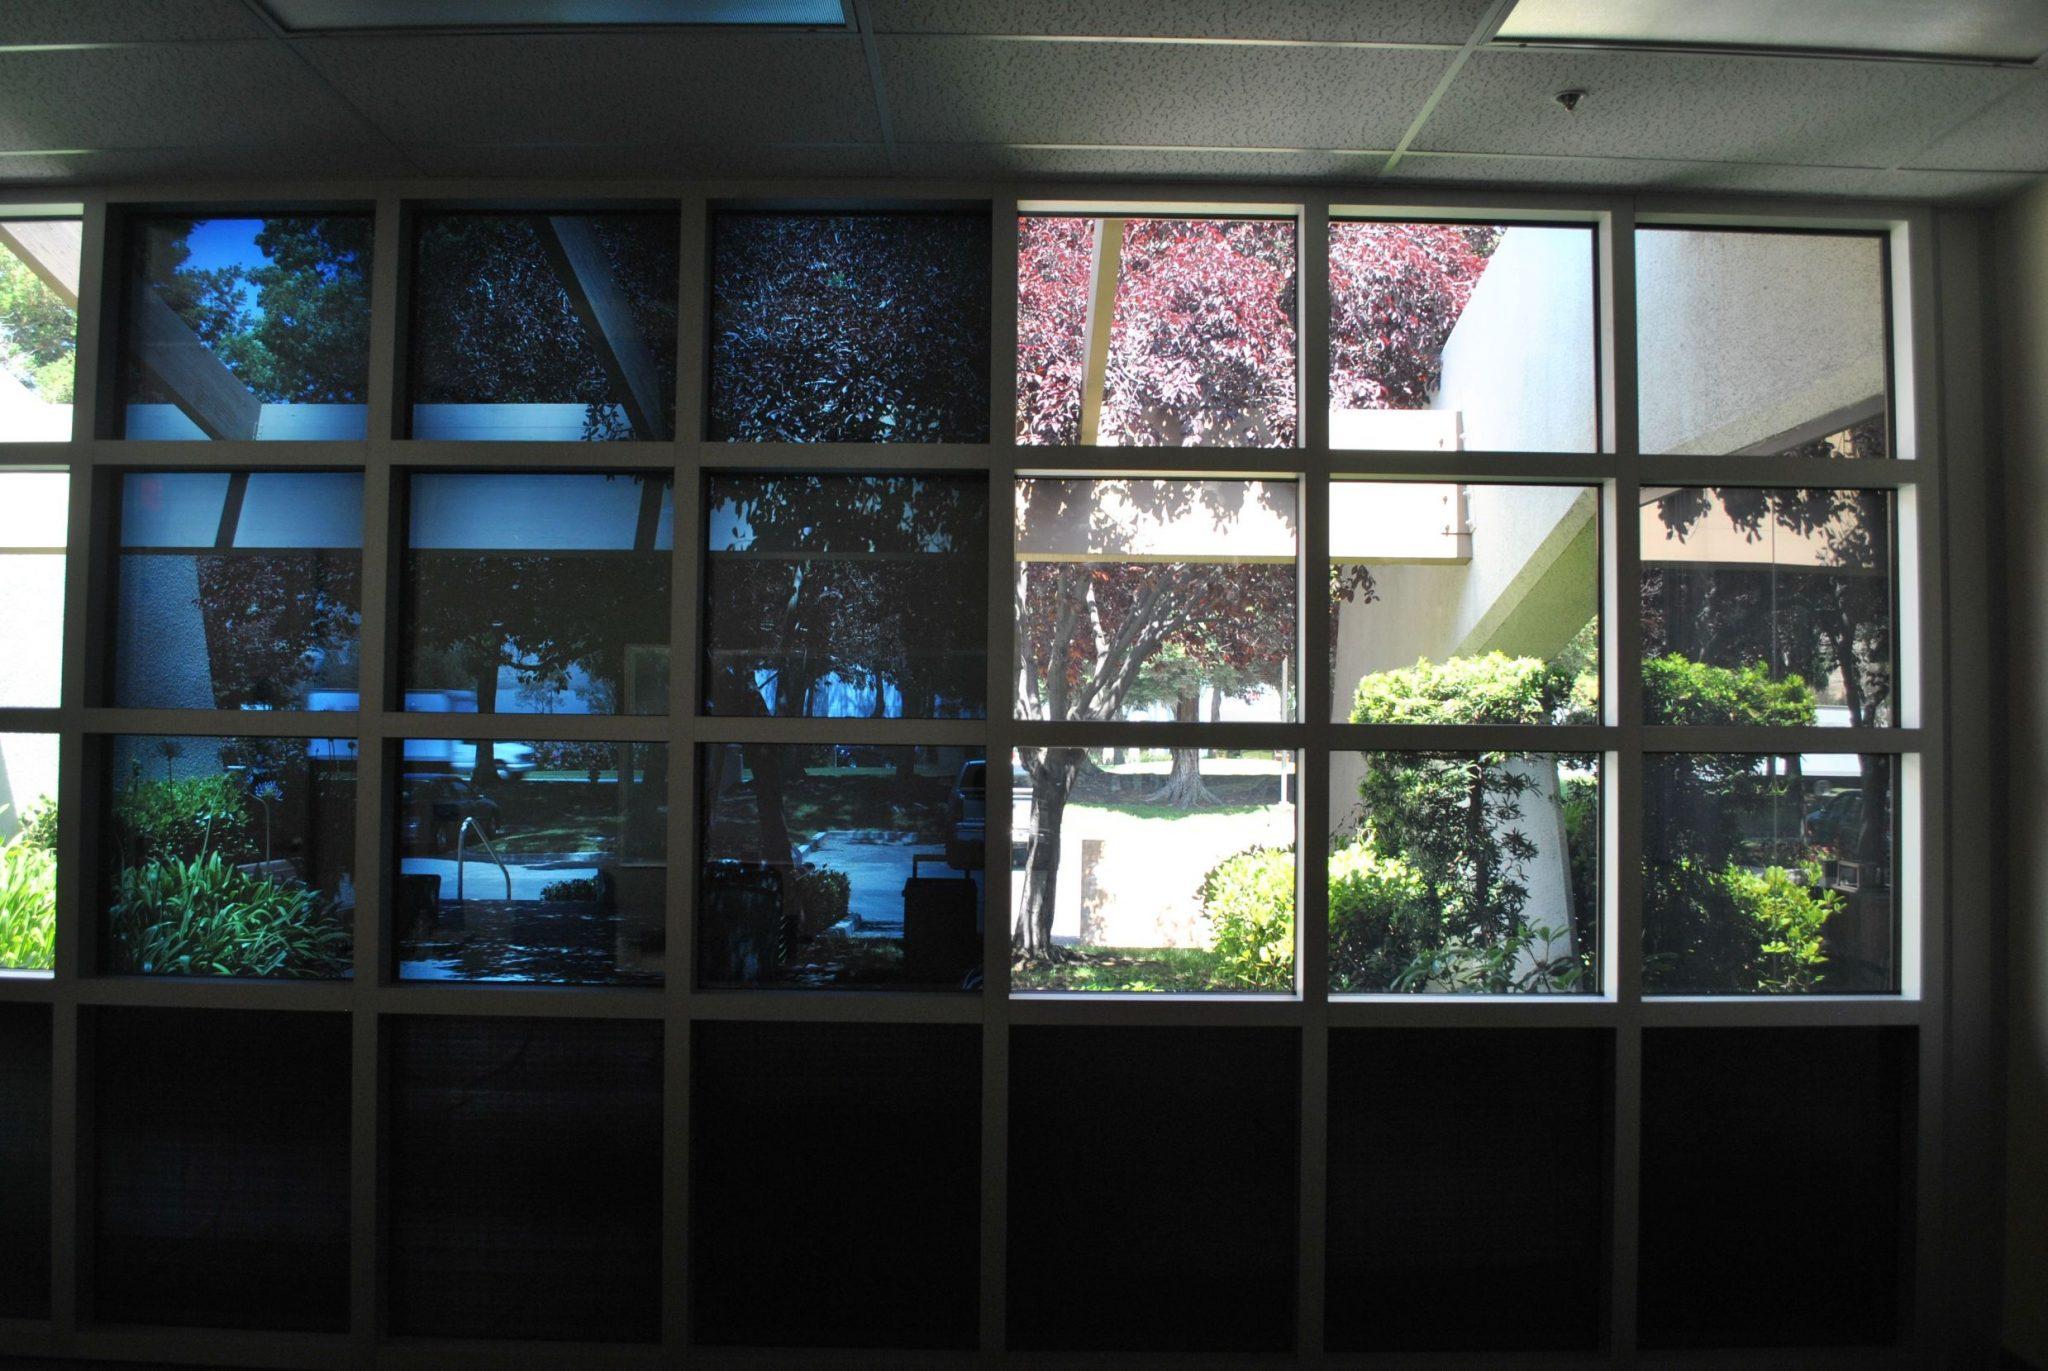 Sistema Di Oscuramento Per Finestre finestre auto oscuranti. il mit di boston ha trasformato un